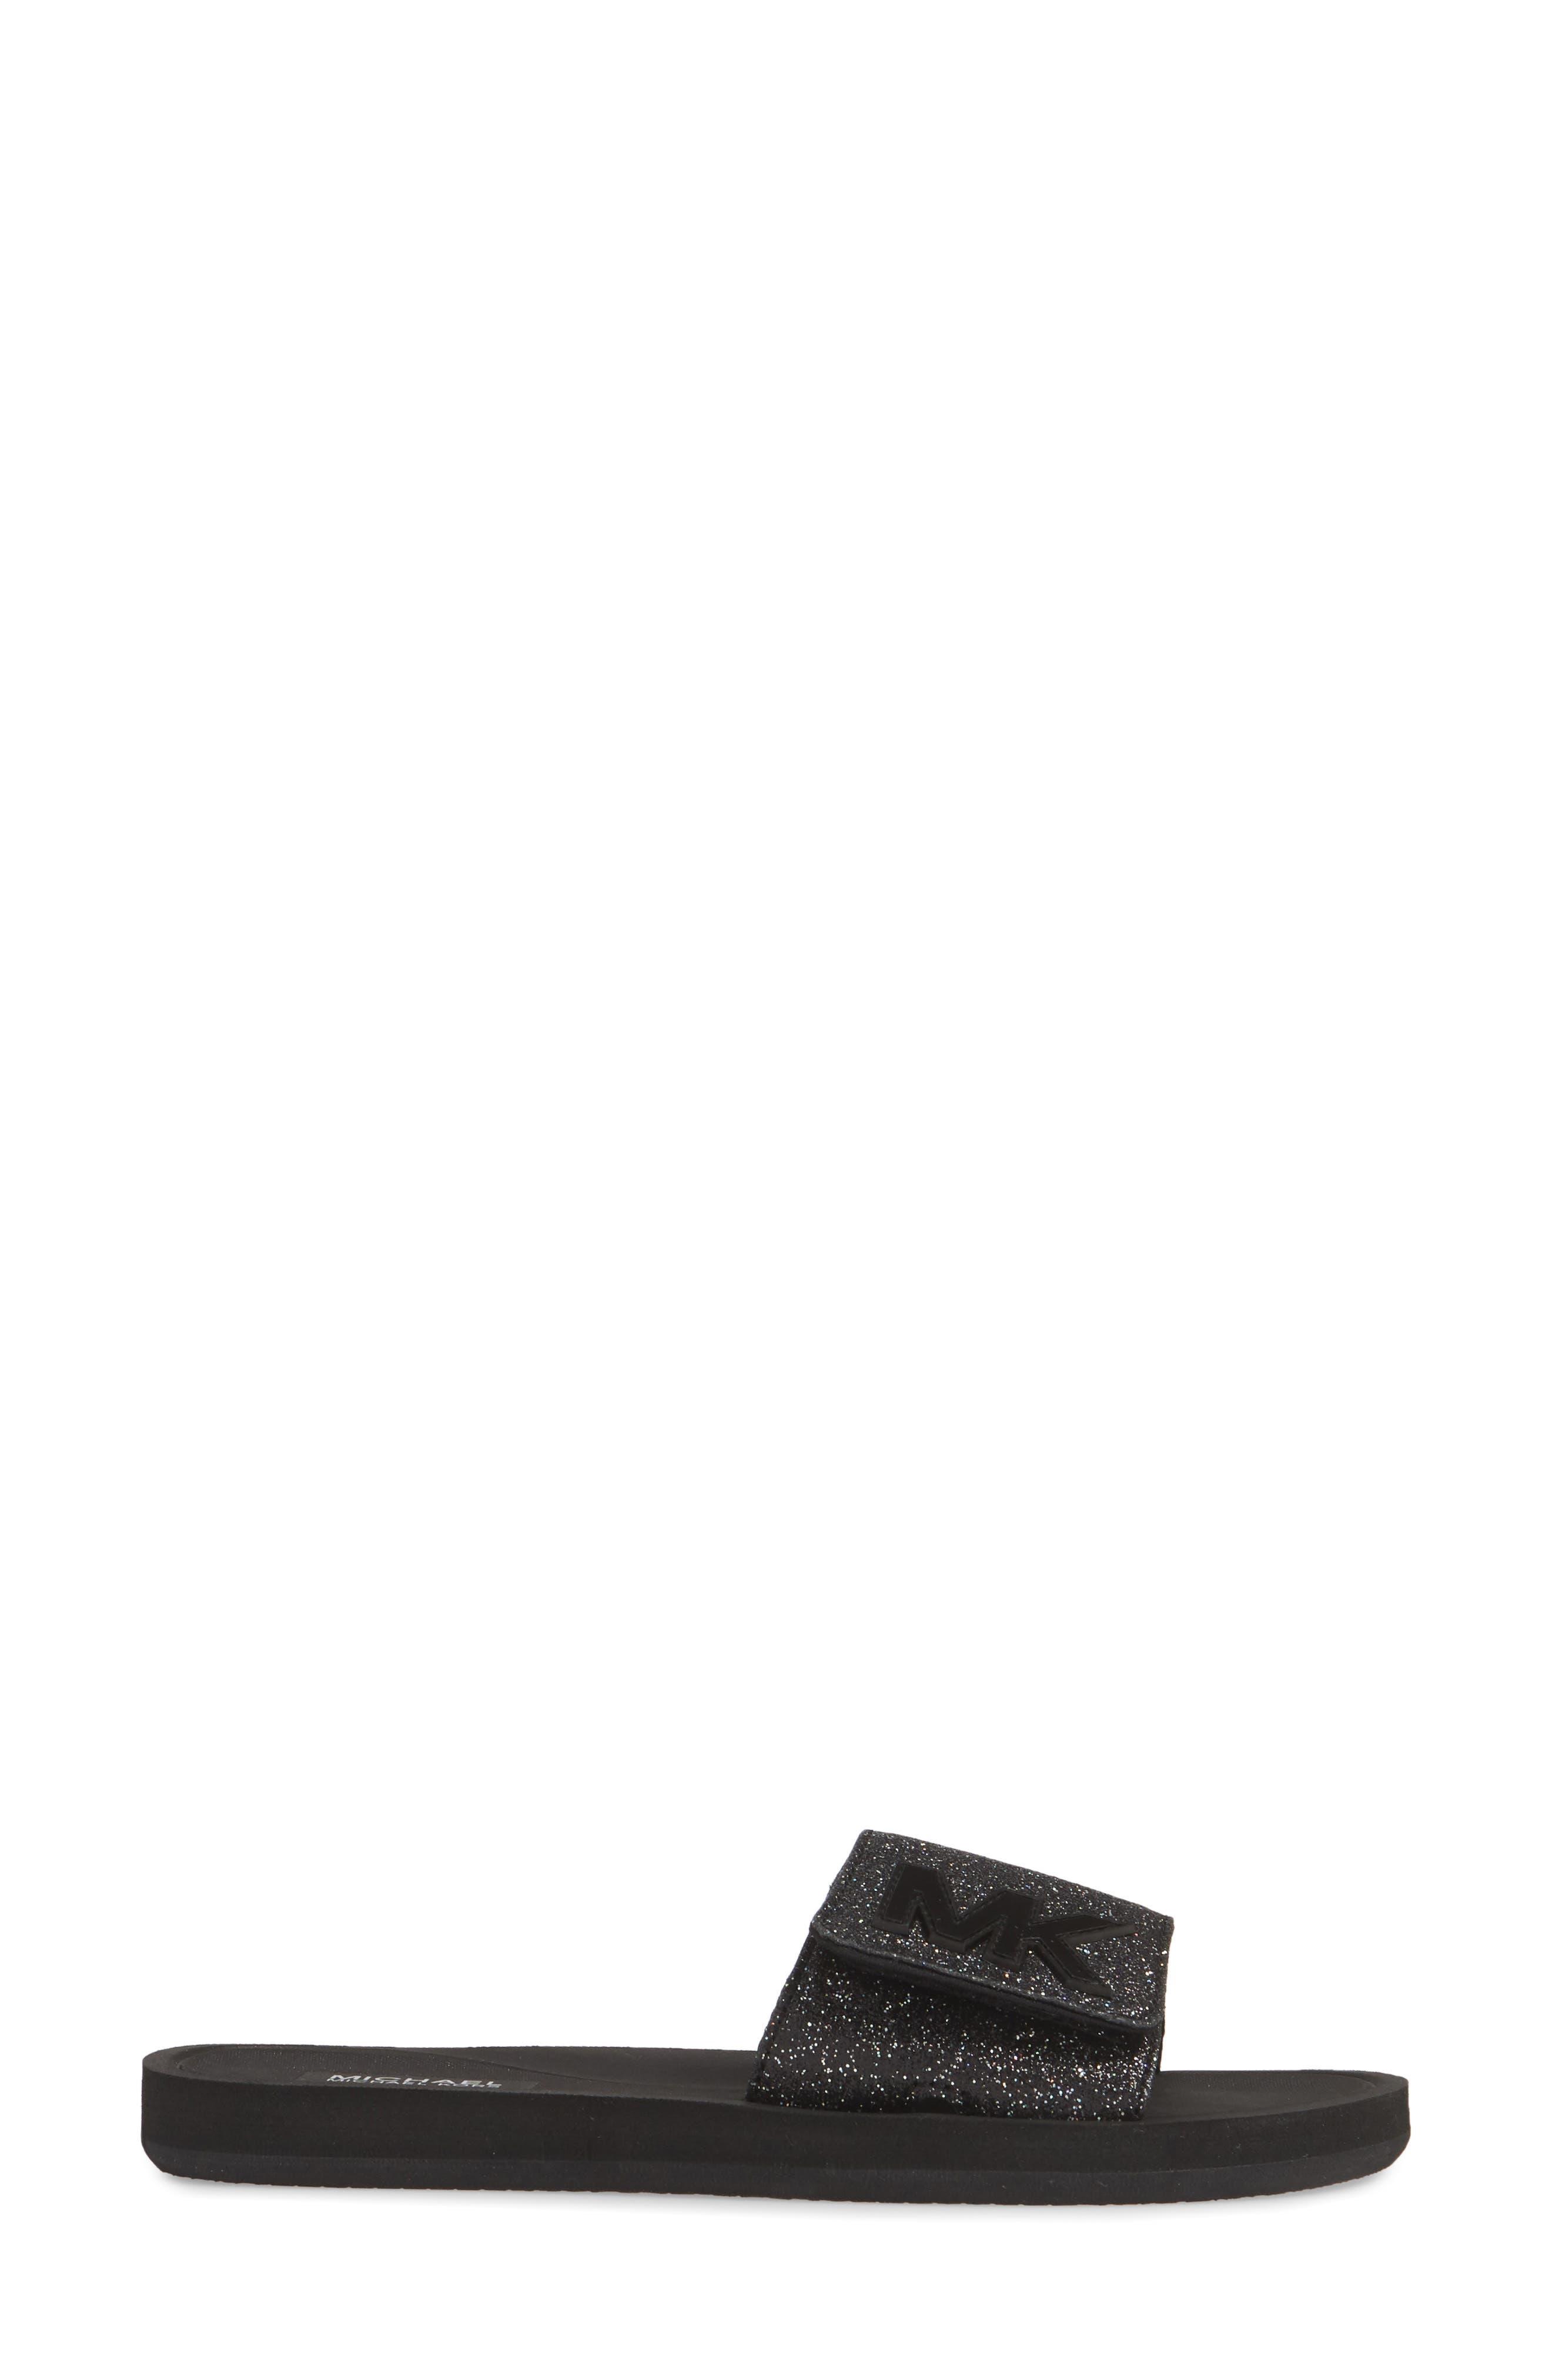 MICHAEL MICHAEL KORS, MK Logo Slide Sandal, Alternate thumbnail 3, color, BLACK GLITTER